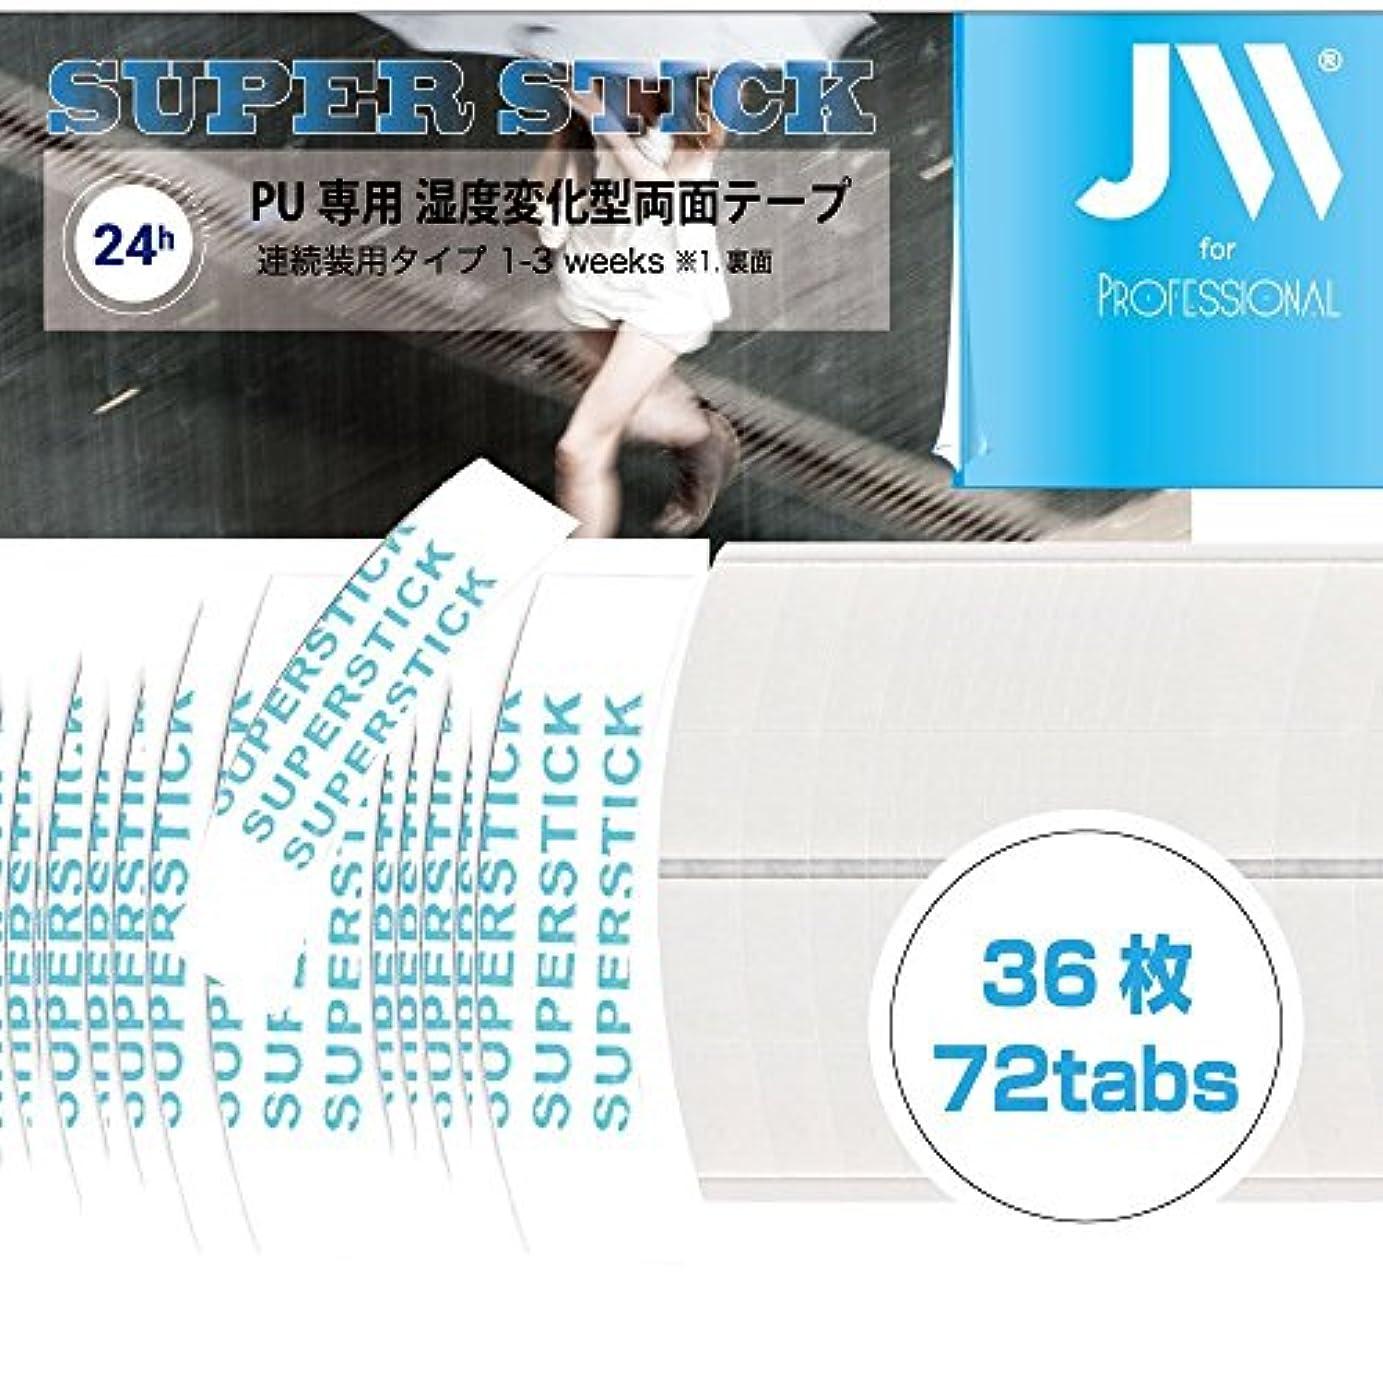 スキャンダラスホールドオールステートメント強力両面テープ:SUPERSTICK TAPE1袋36枚入り(小分け72枚)テープ形状:アジアカーブ …